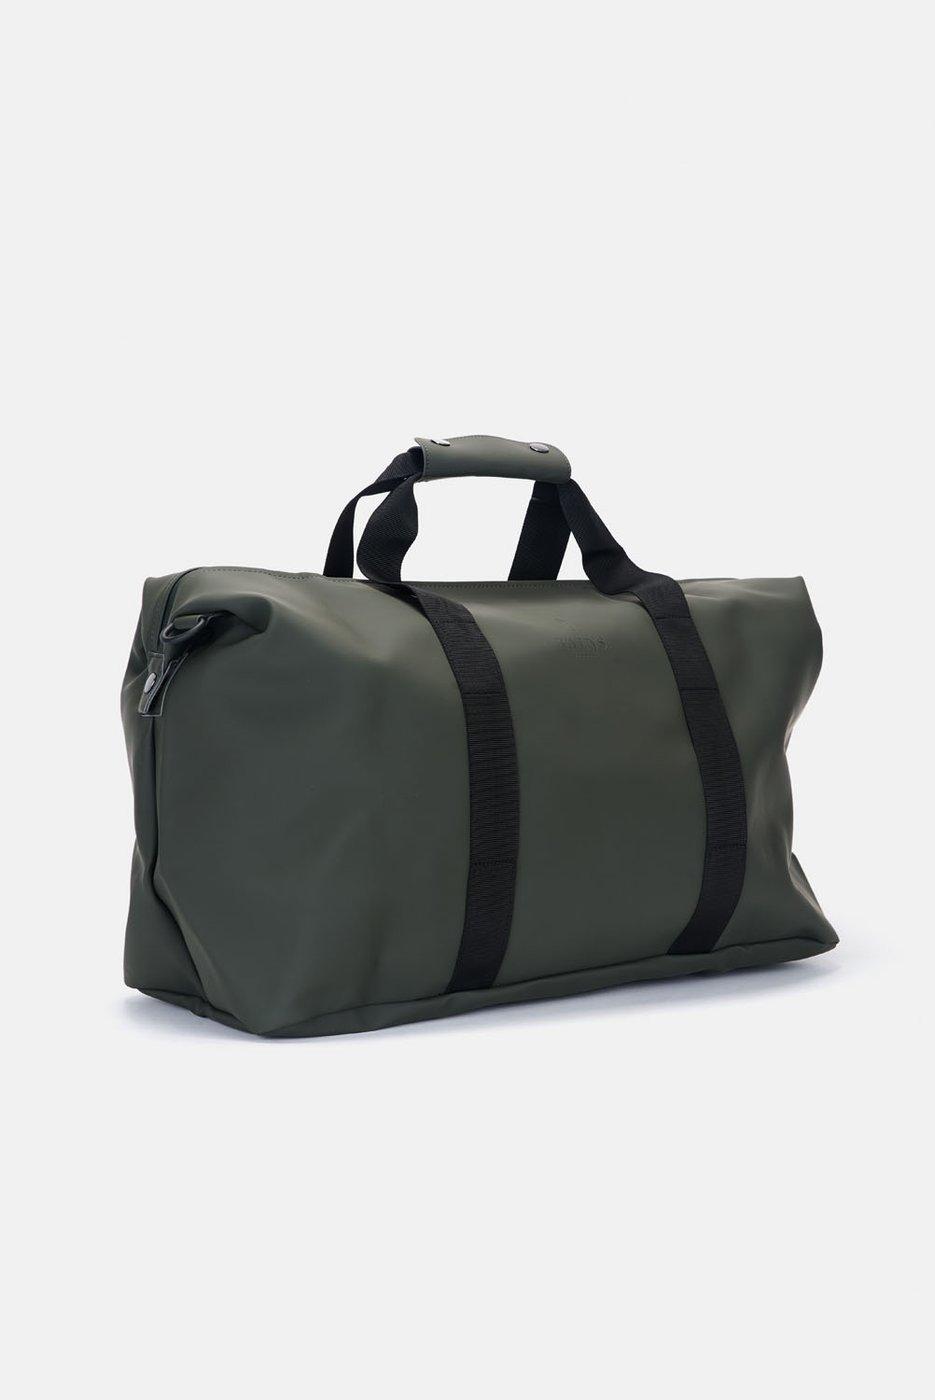 Weekend_Bag-Bags-1286-7_1400x1400.jpg